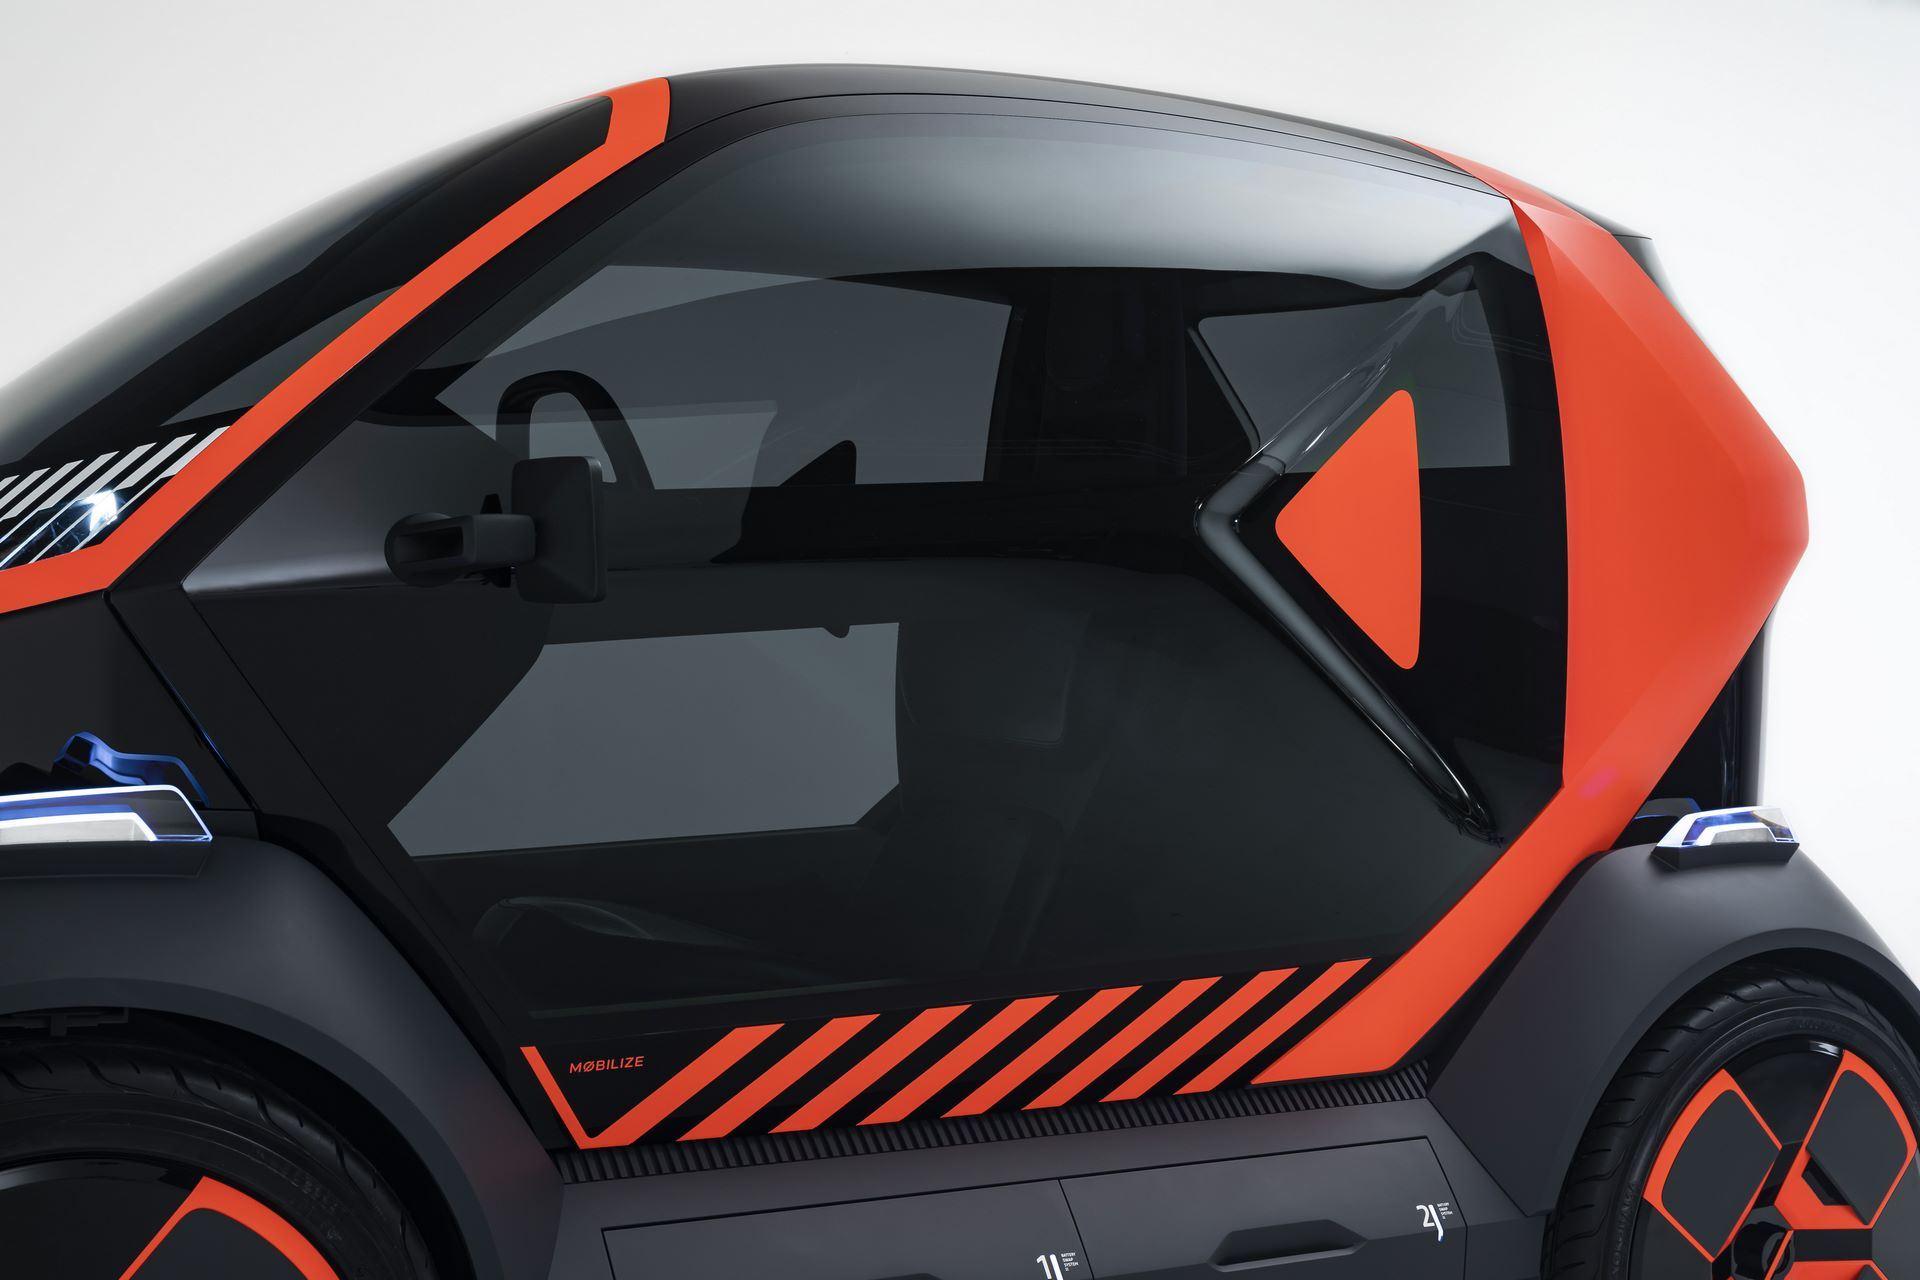 10-2021-Mobilize-EZ-1-Prototype